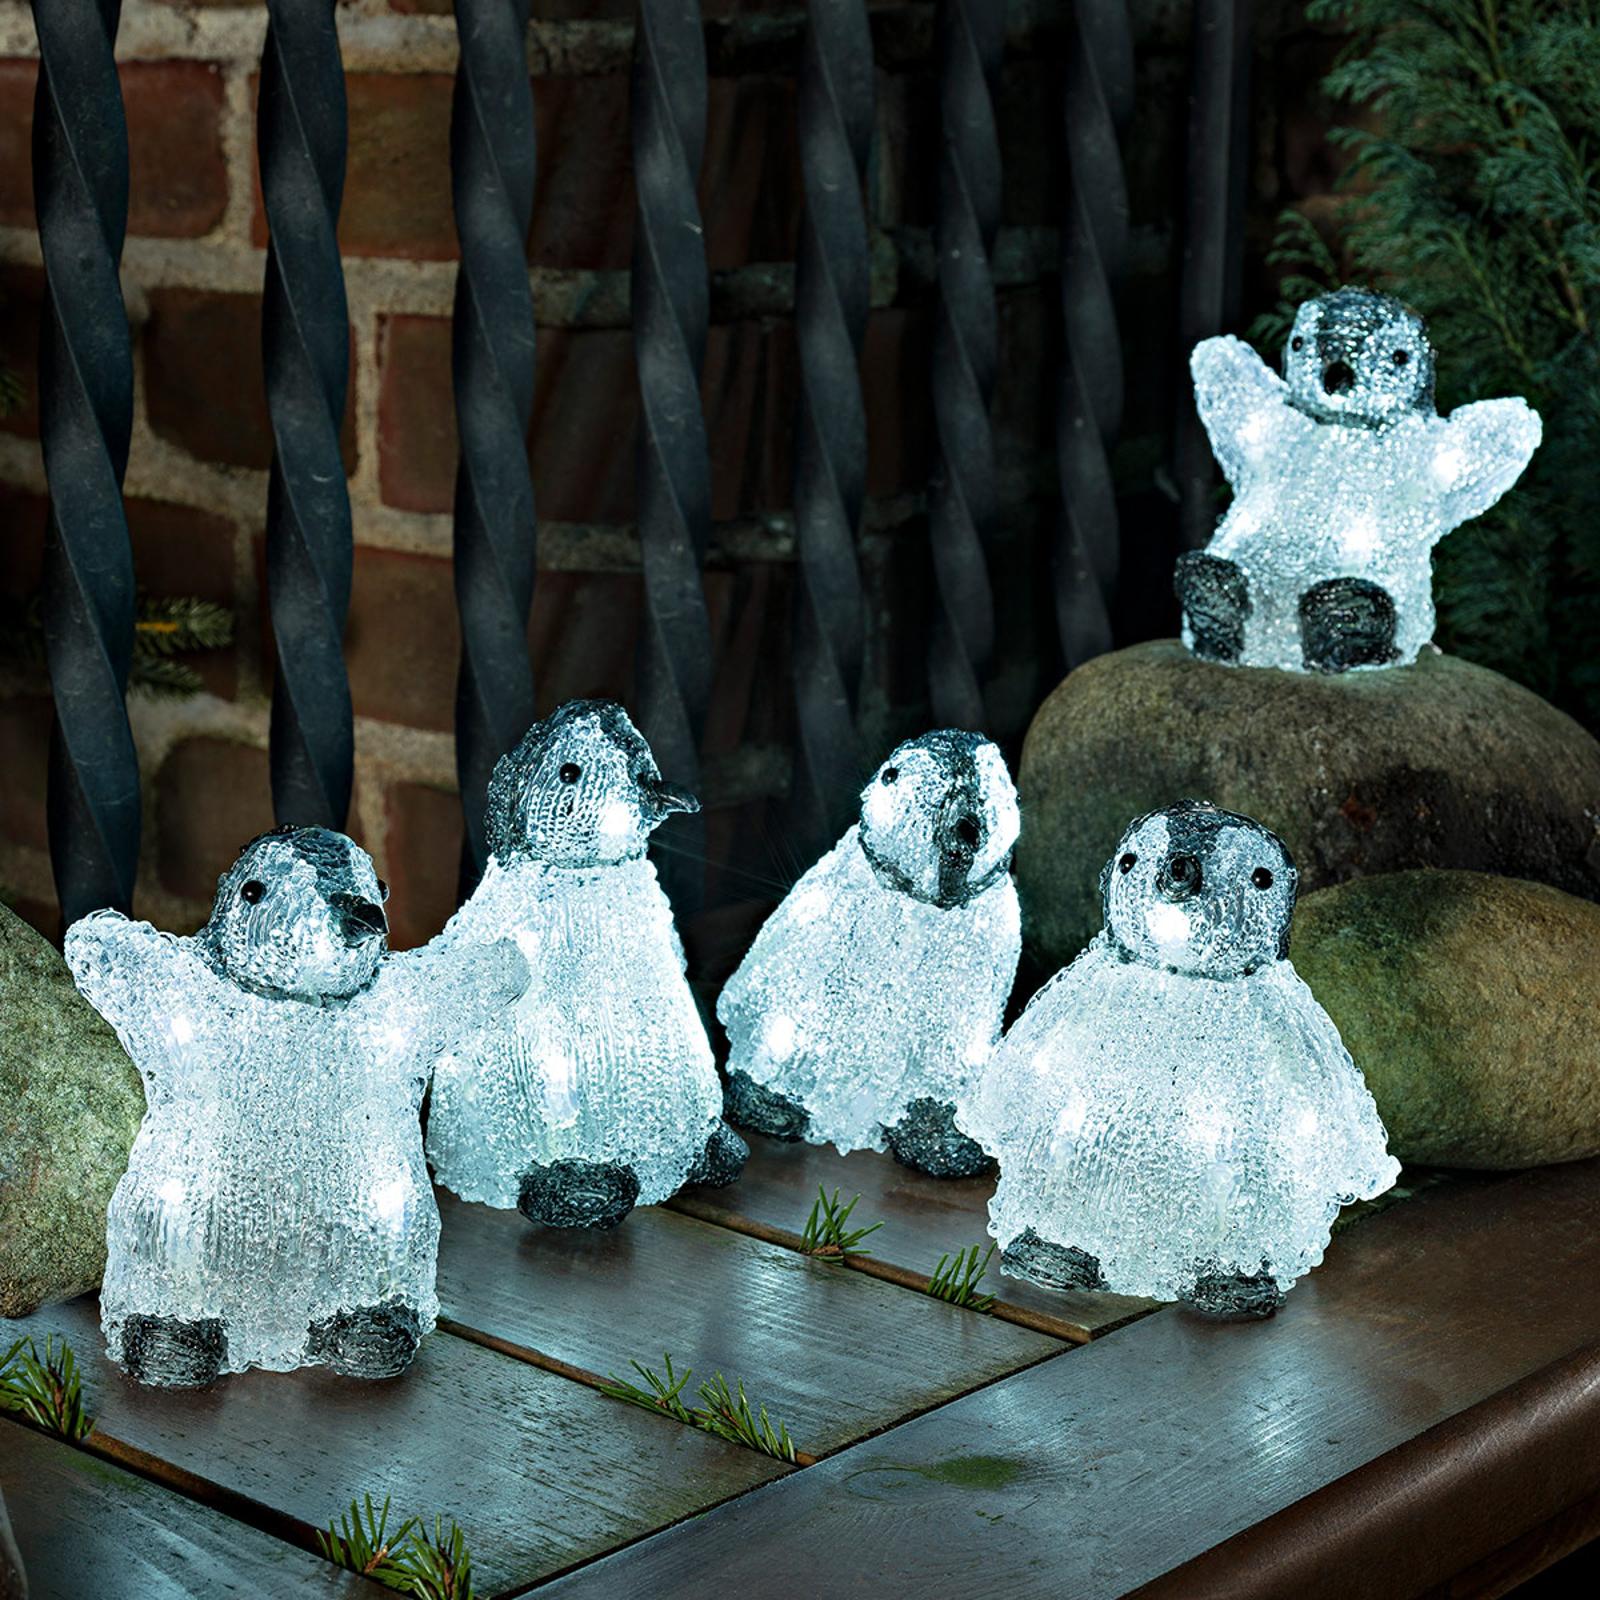 5 kpl:n setti LED-akryyli-figuurit, vauvapingviini